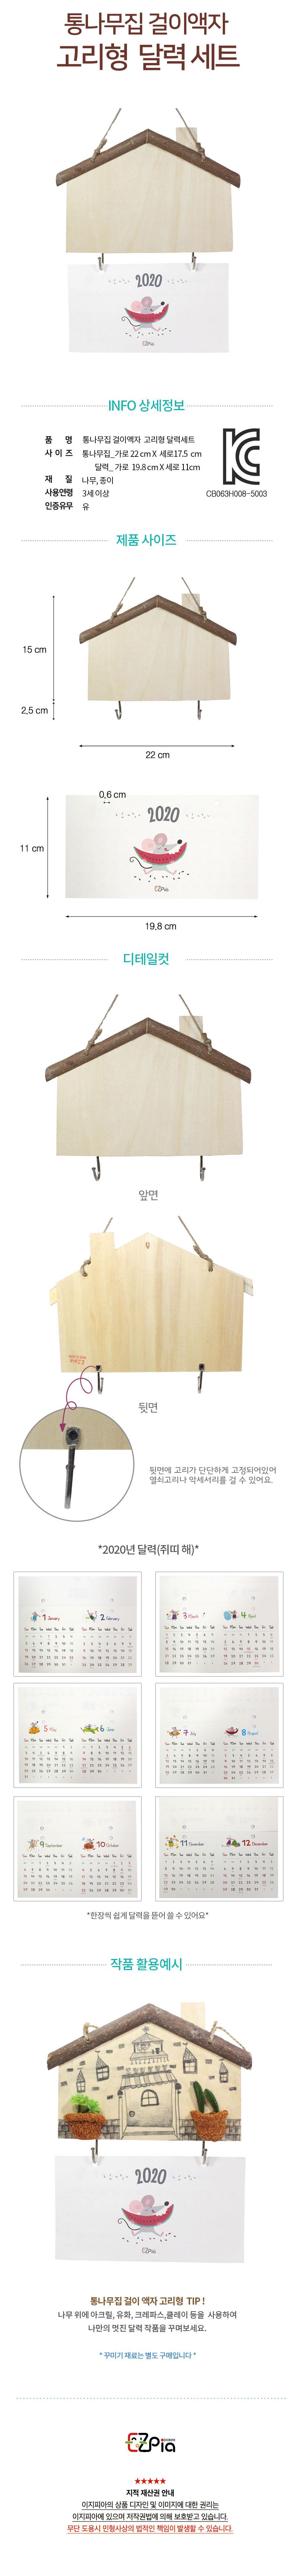 통나무집 걸이액자 고리형 달력 세트 DIY(1인용) - 이지피아, 2,450원, 캘린더, DIY캘린더